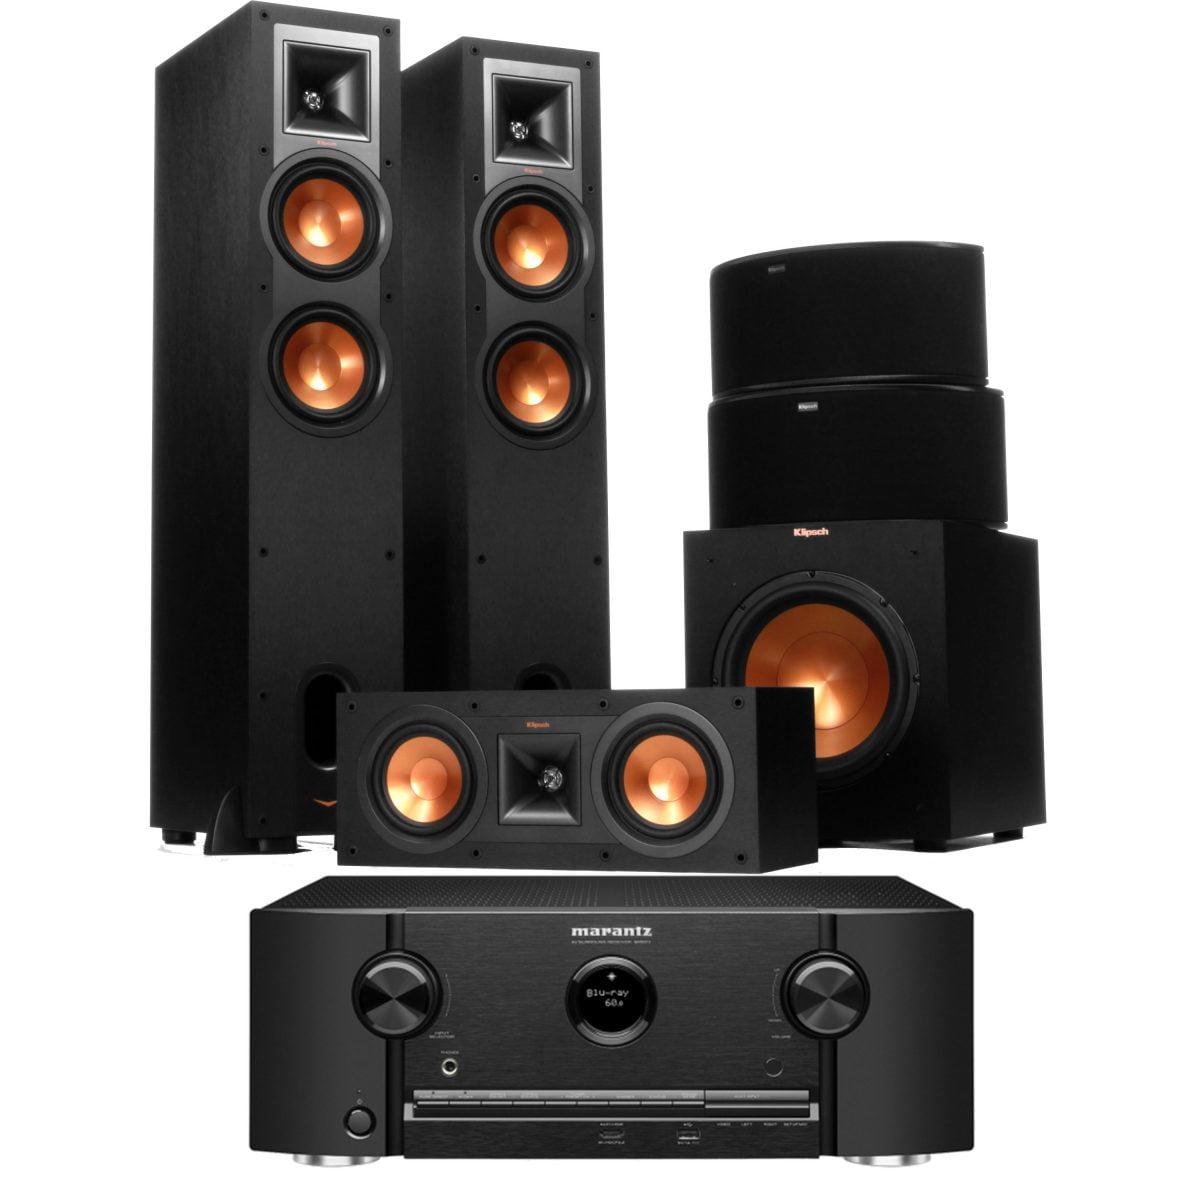 klipsch home theatre. klipsch \u0026 marantz r-26f + sr5011 home theatre speaker system - bundle